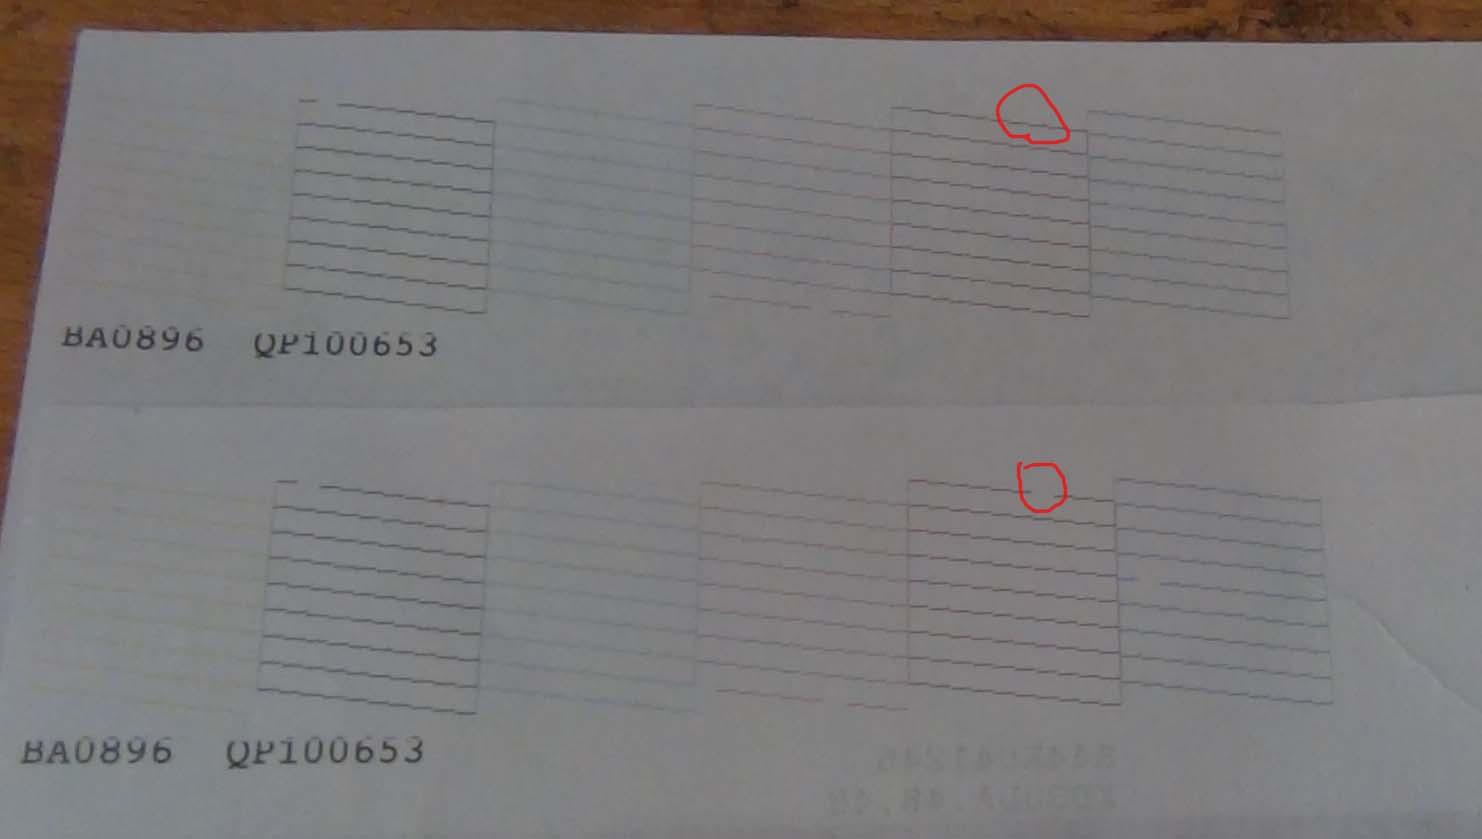 Тест дюз, пропуска не стало после печати листа и прочистки